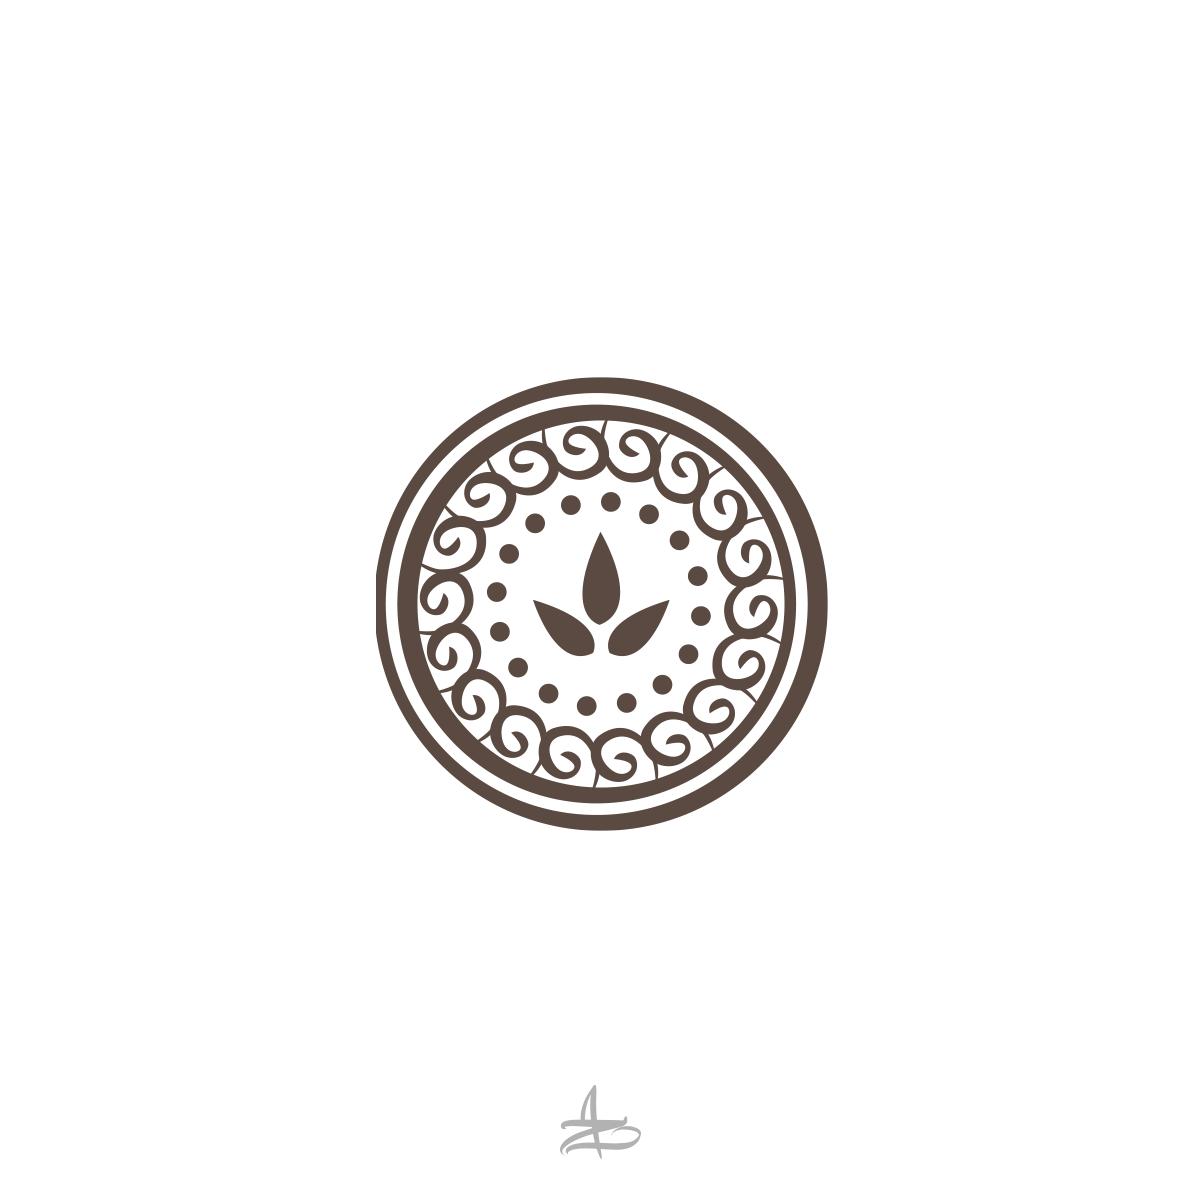 Логотип для Пекарни-Тандырной  фото f_4515d914263372c3.png